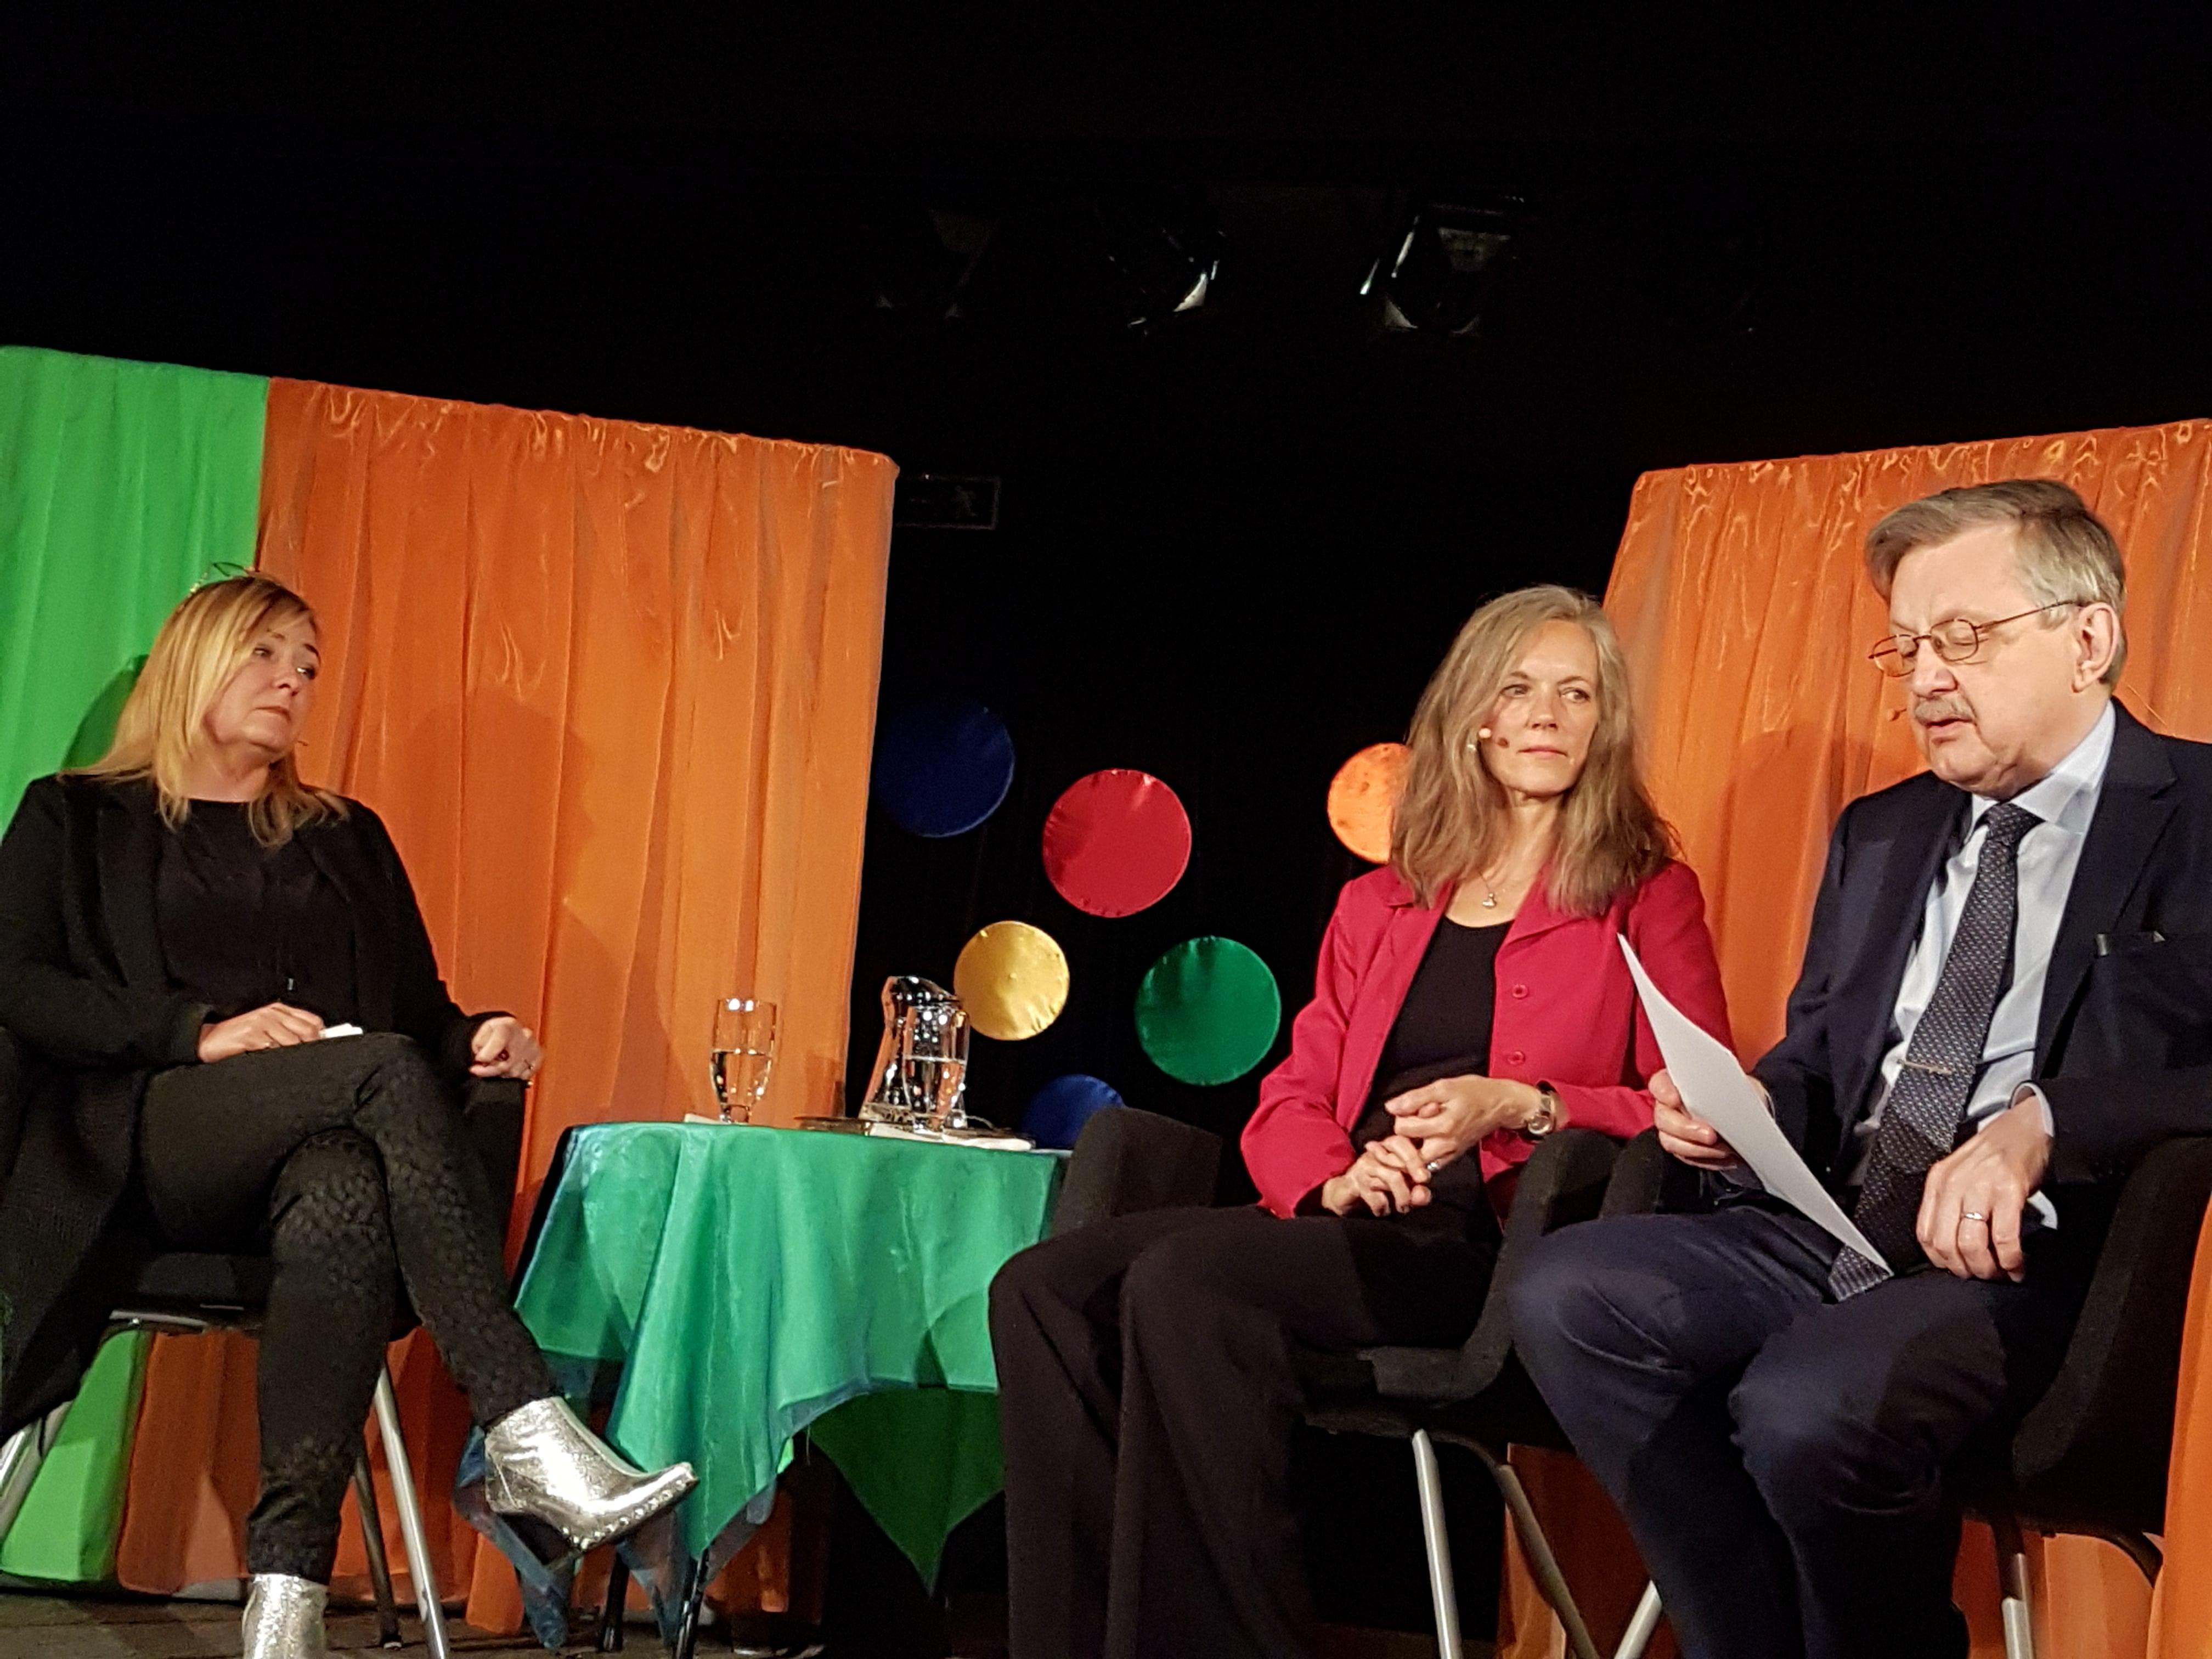 Panelsamtal om medmänsklighet och förlåtelse med årets pristagare Jeanette Åkerlund, Elisabeth Linder, moderator och Karl-Erik Edris, juryns ordförande.